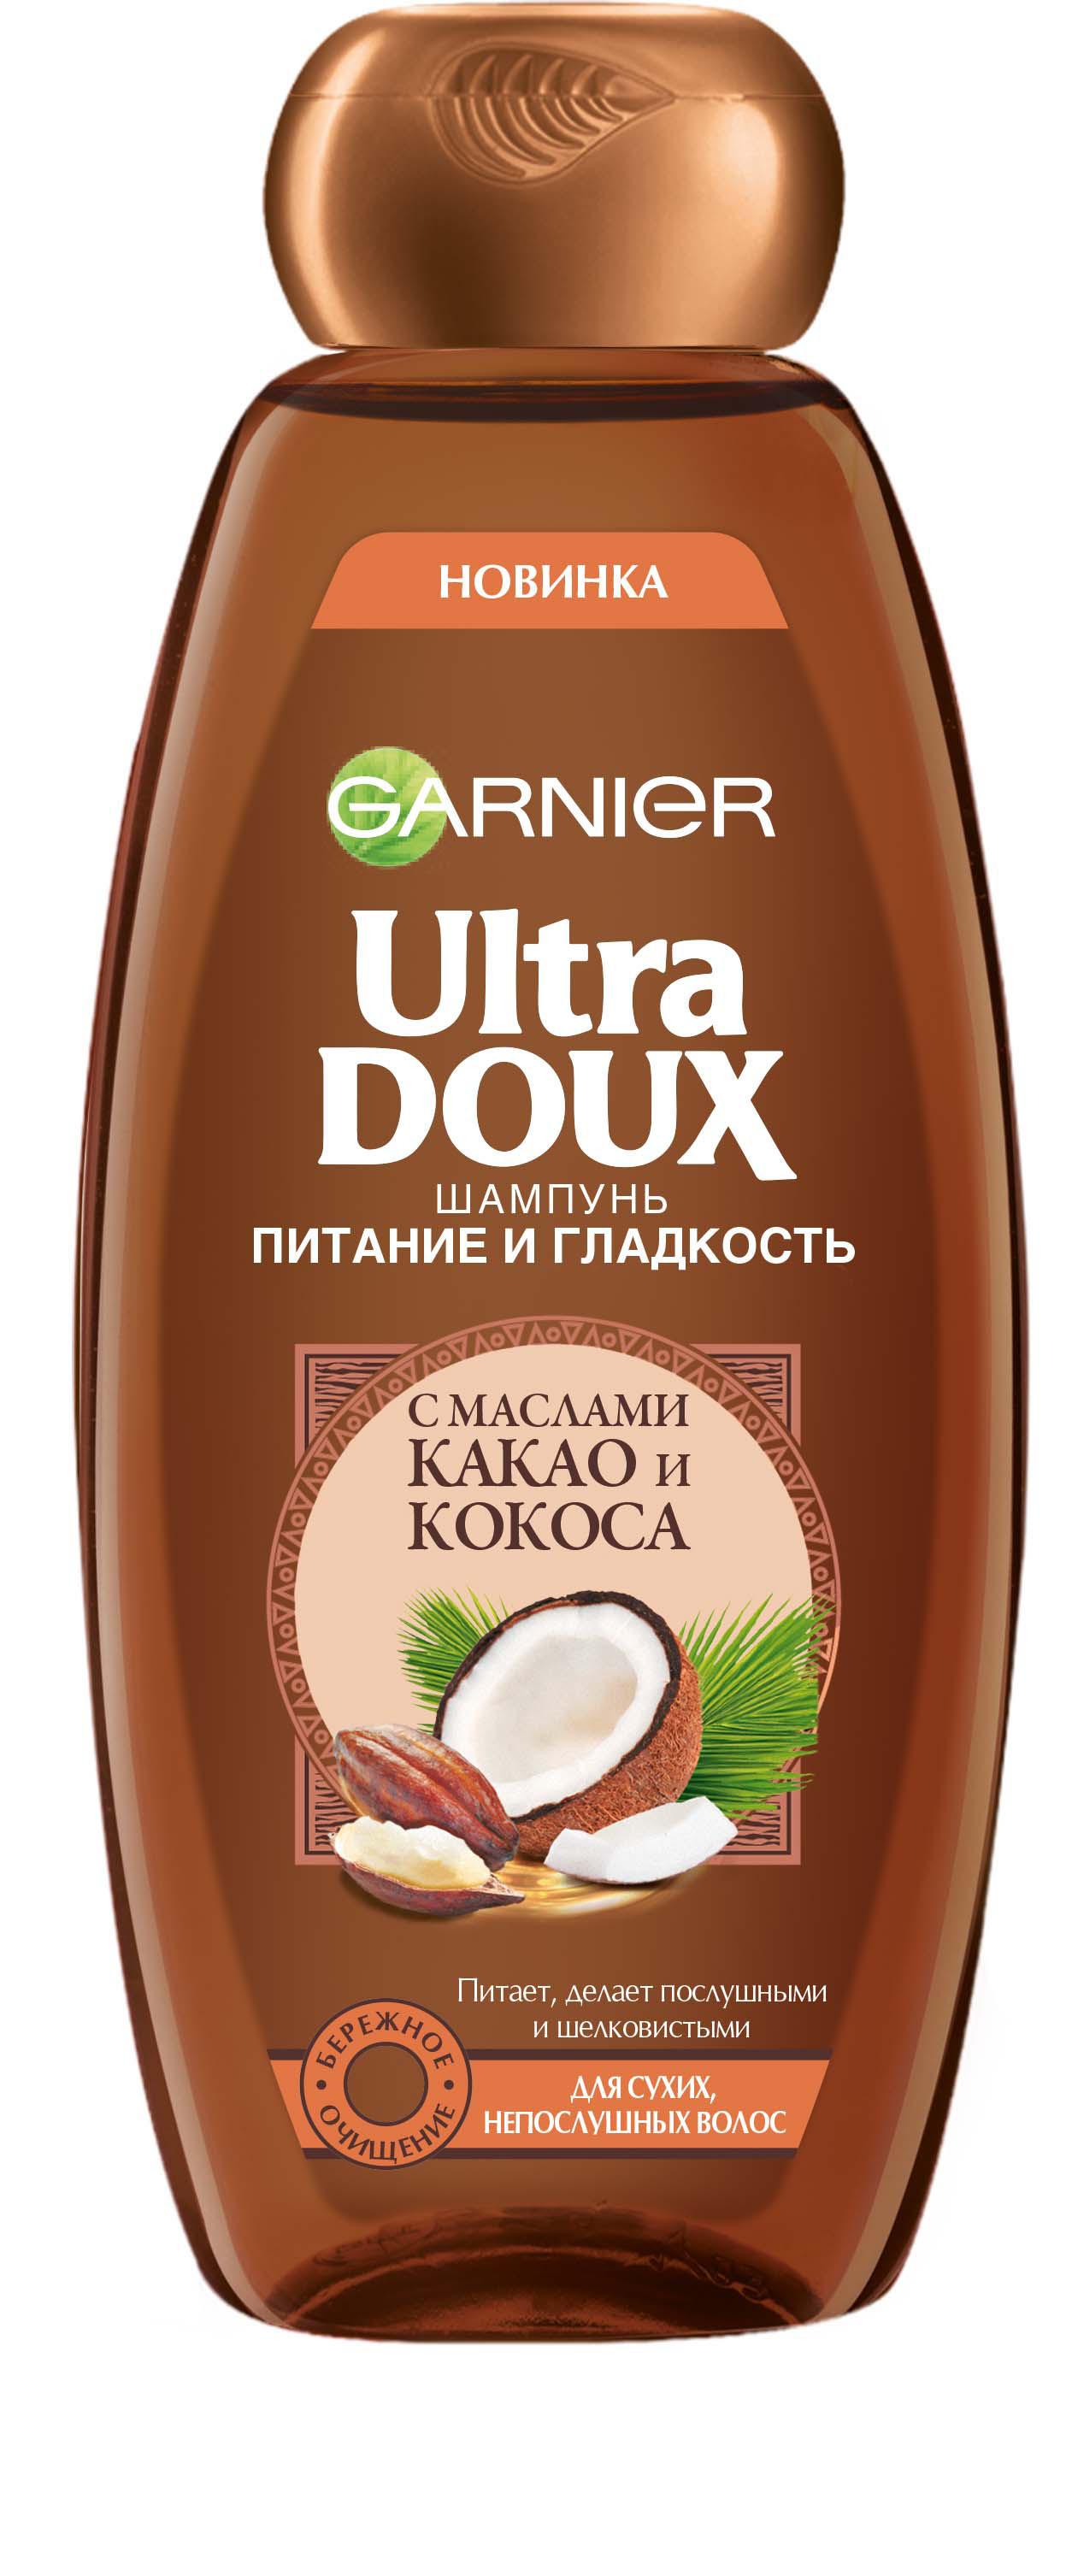 Garnier Шампунь Ultra Doux. Питание и гладкость с маслами какао и кокоса, для сухих, непослушных волос, 400млC5456600Настоящий рецепт питания для сухих, непослушных волос. Гарньер Ultra Doux соединяет Масло Какао, по праву считающееся ценным источником питания и Масло Кокоса, известное своими разглаживающими и ухаживающими свойствами, для создания легкой нежной текстуры шампуня, который делает волосы послушными и шелковистыми. Результат: Интенсивно питает и разглаживает волосы. Волосы заметно меньше пушатся - до 72 часов в условиях повышенной влажности. Их легче расчесывать, они излучают здоровый блеск. Инструментальный тест: Шампунь + бальзам-ополаскиватель.